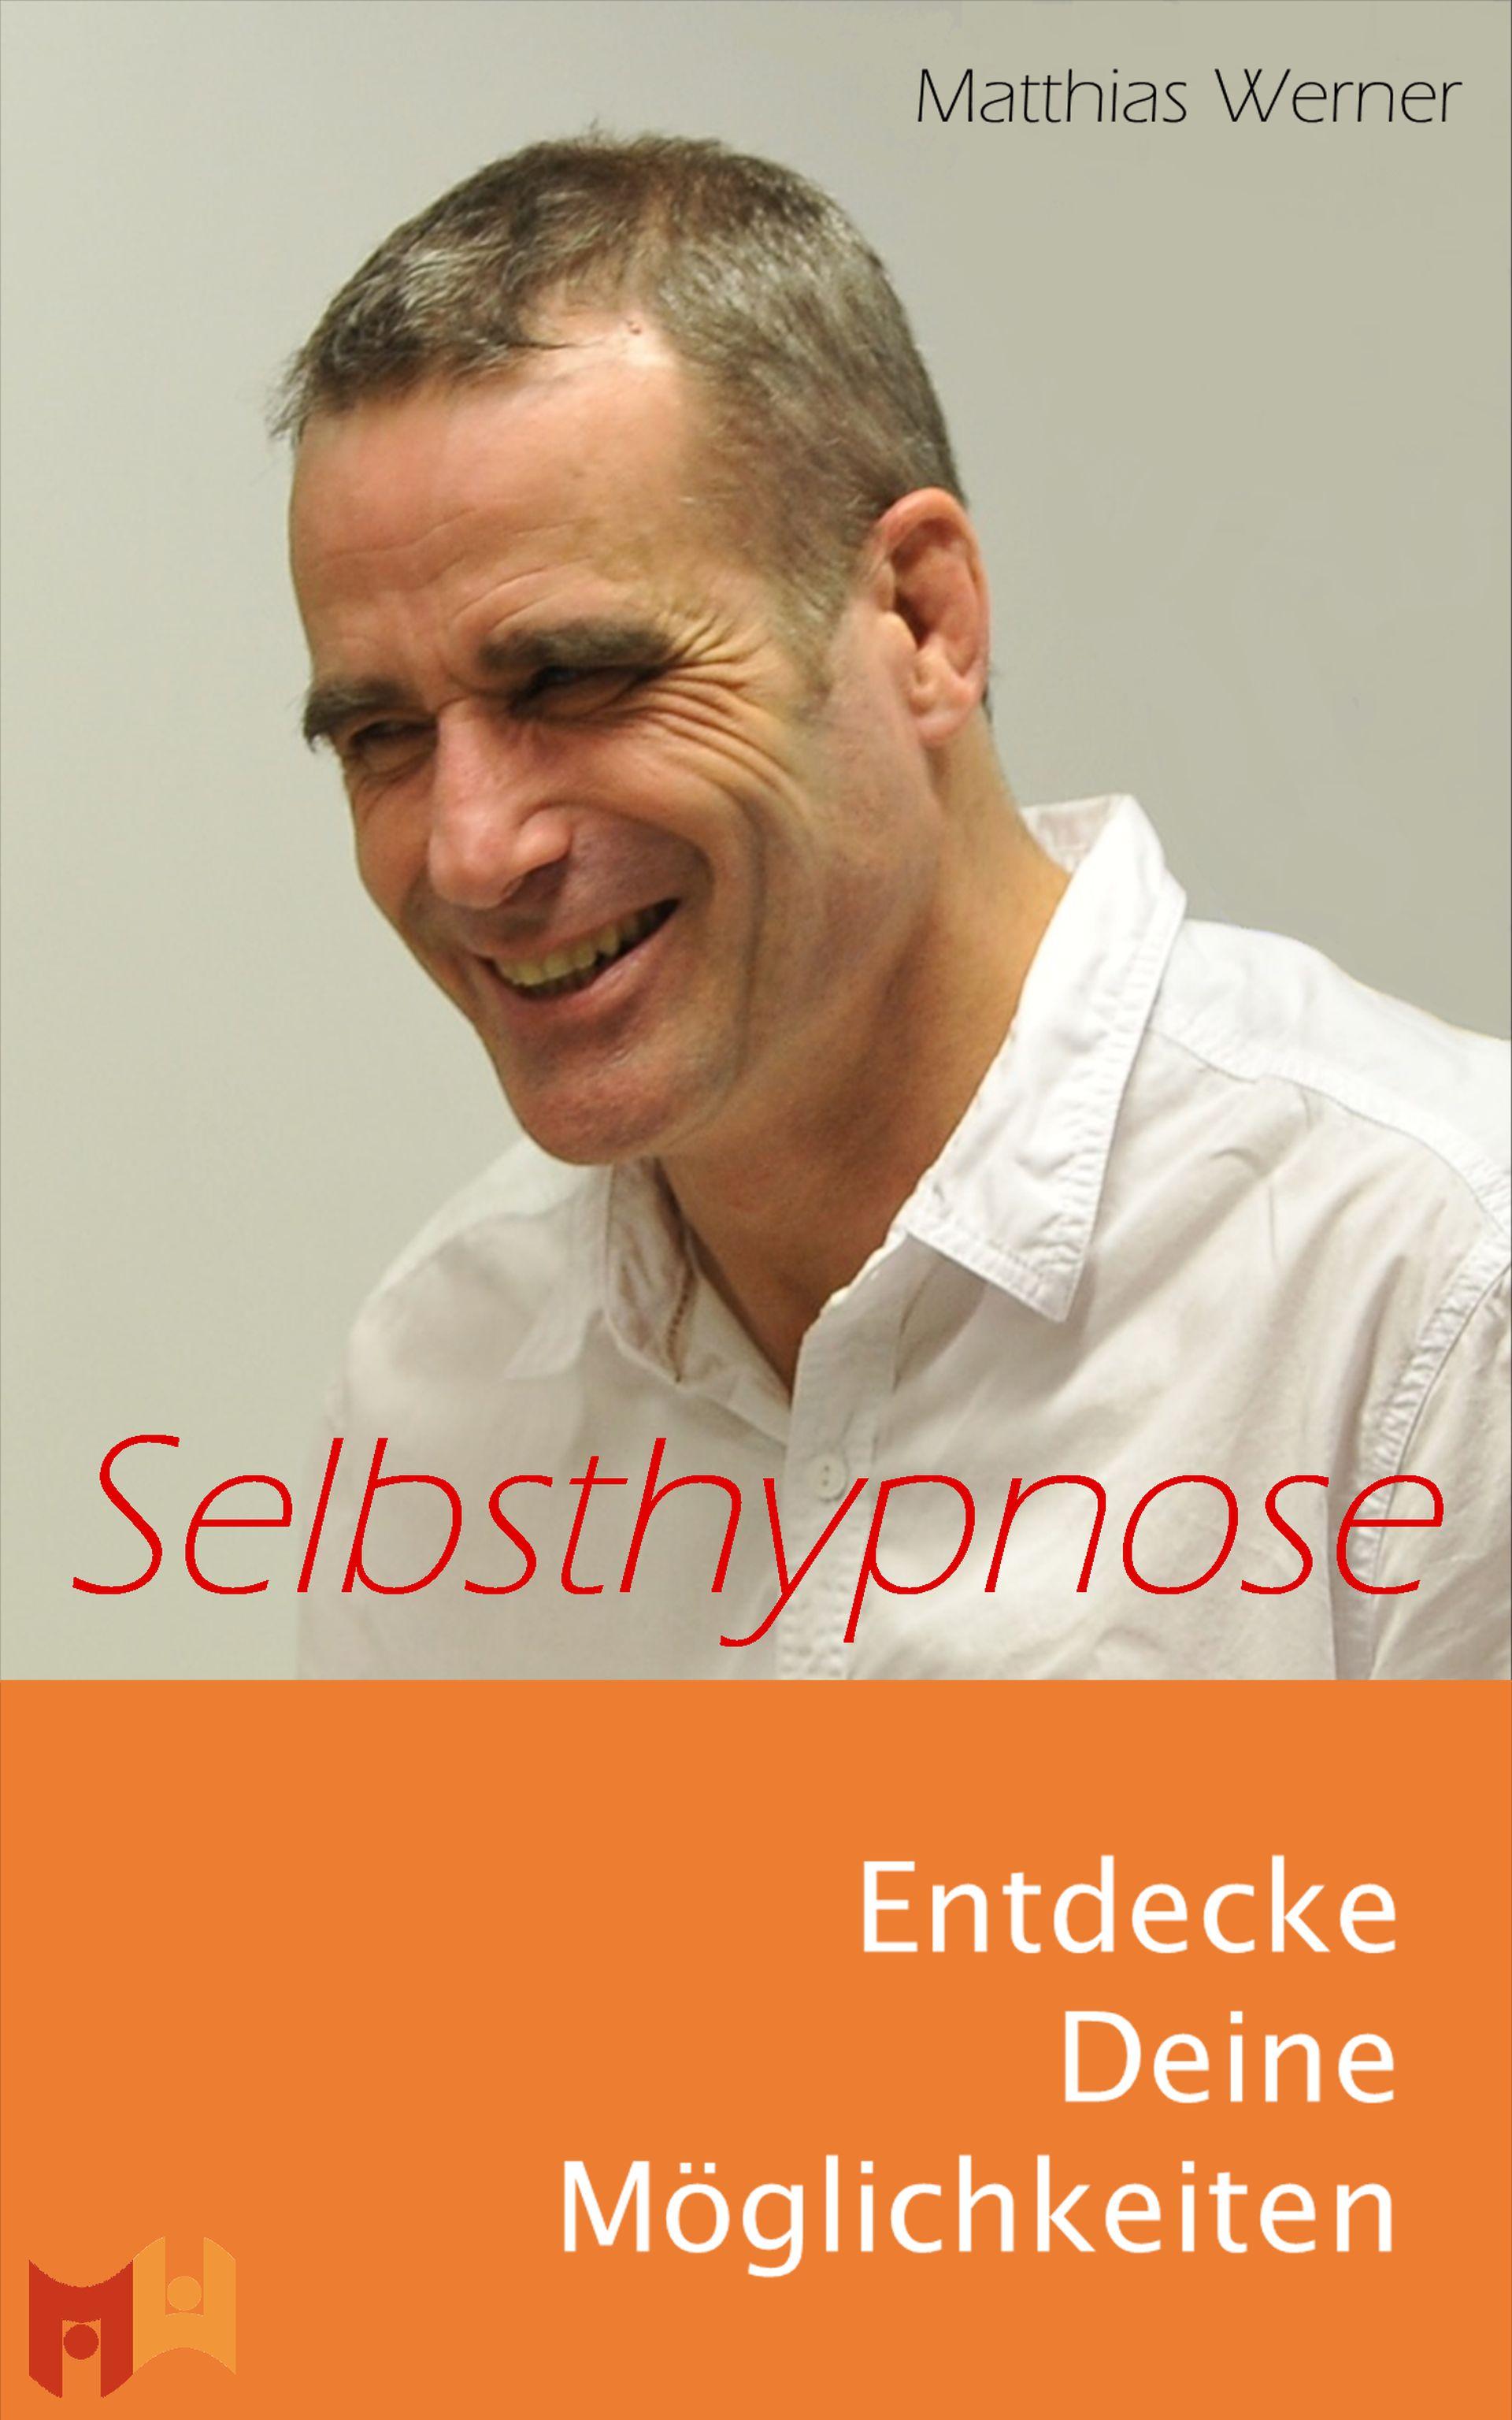 Das Buch zur Selbsthypnose